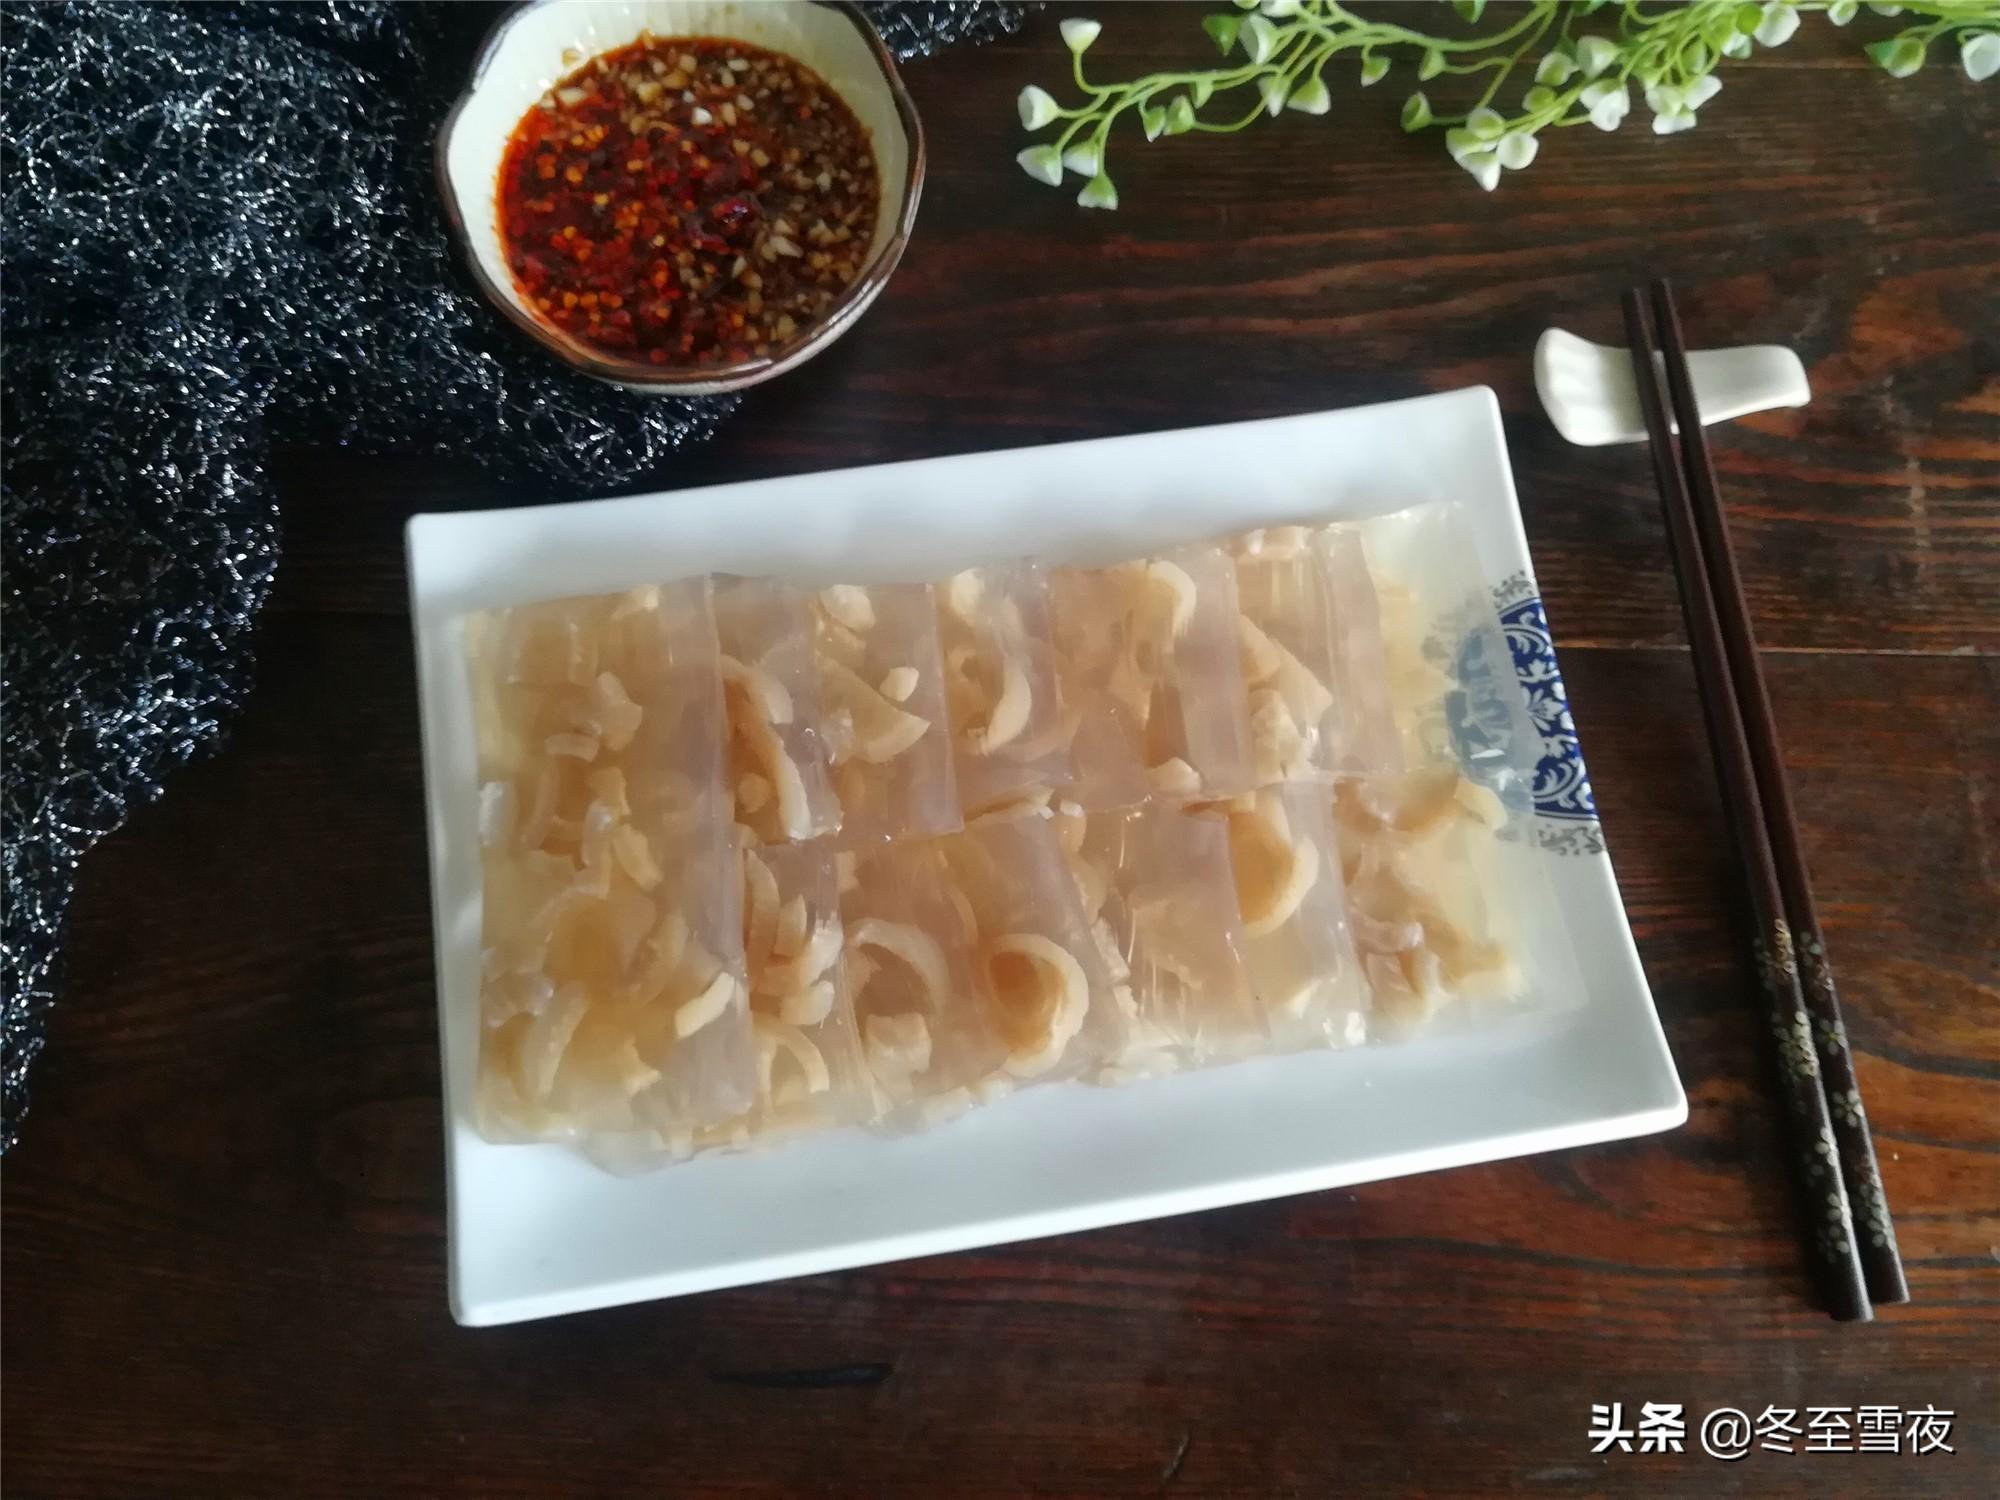 23道东北家常菜,吃了几十年都不腻,东北人都不一定全吃过 东北菜谱 第4张